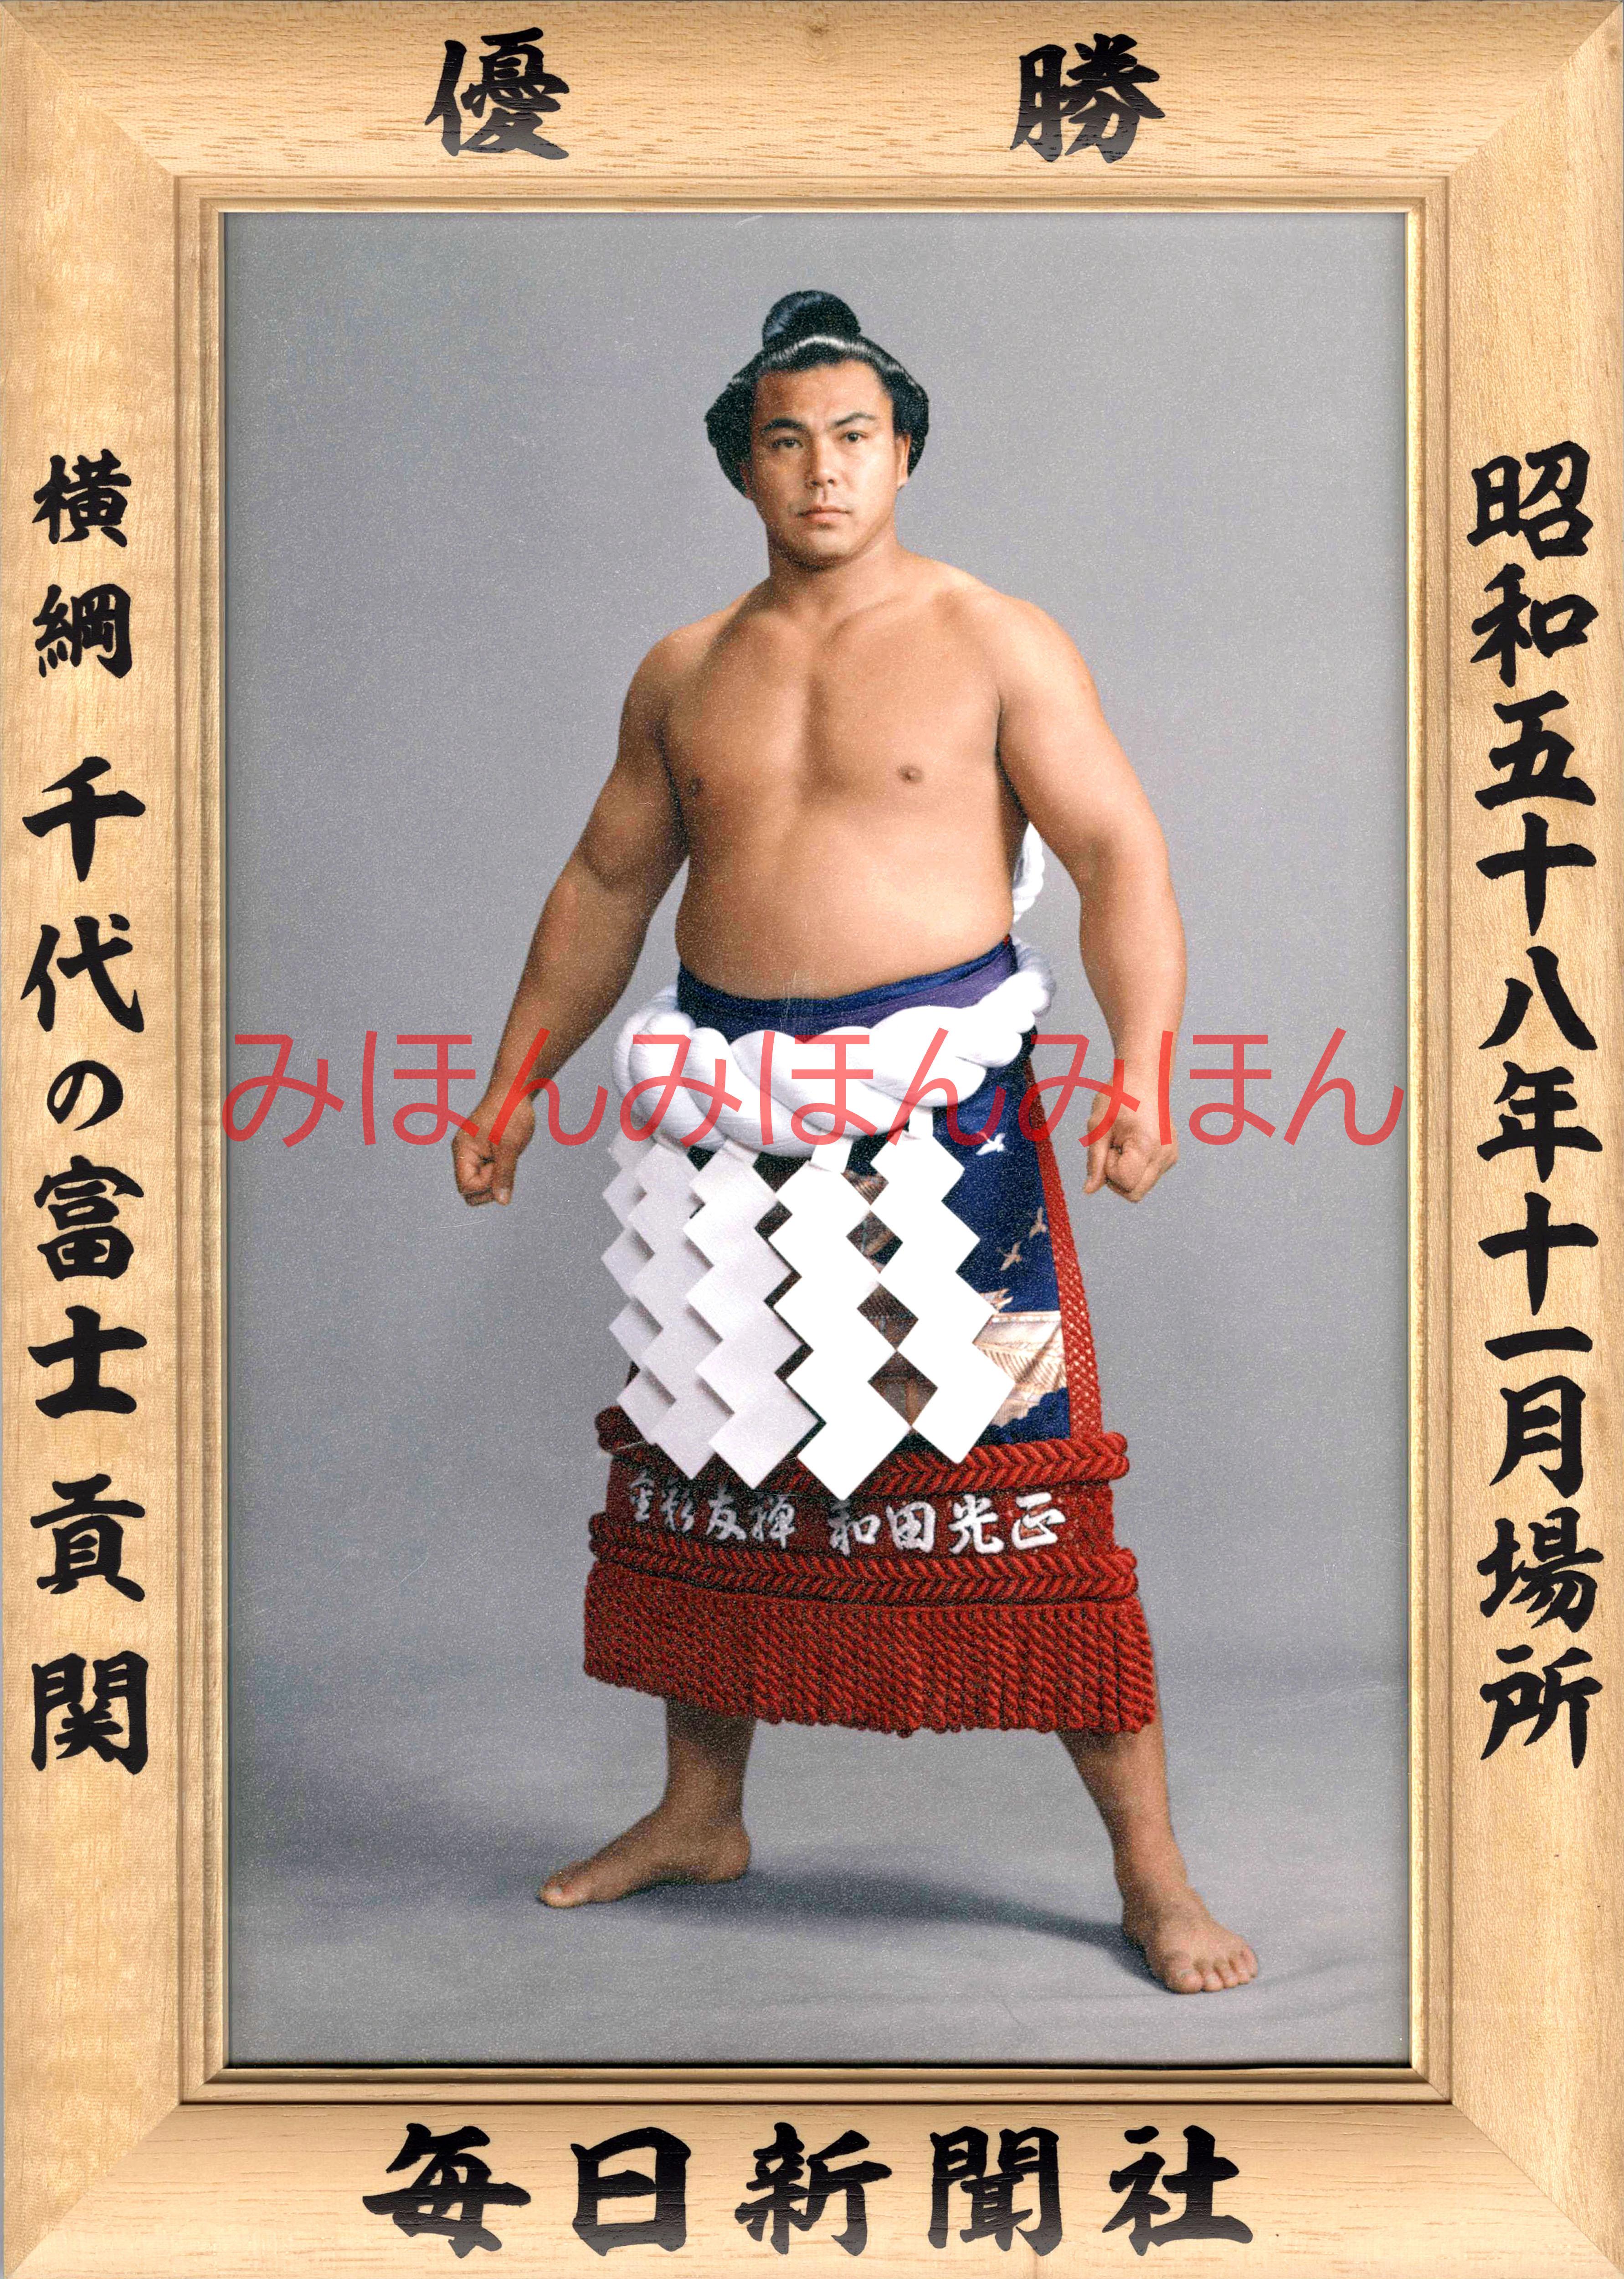 昭和58年11月場所優勝 横綱 千代の富士貢関(9回目の優勝)